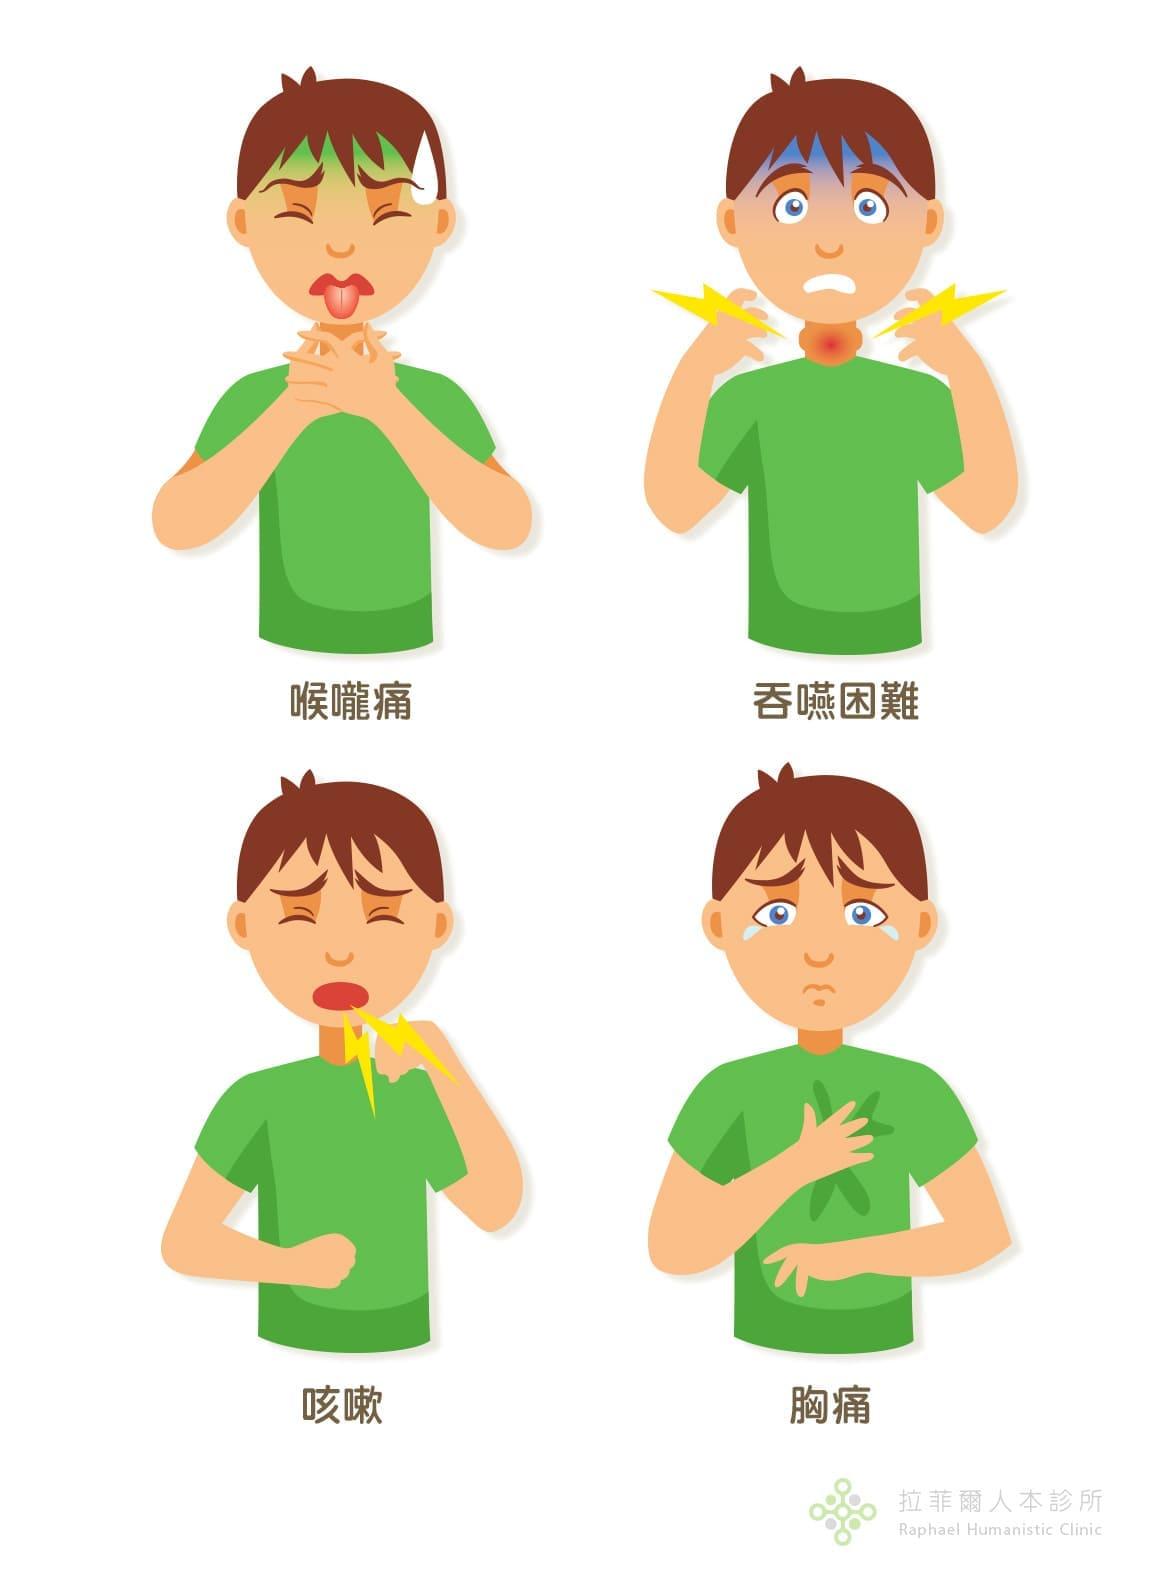 胃食道逆流非典型症狀:咳嗽、聲音沙啞、喉嚨痛、異物感、胸痛、吞嚥困難等